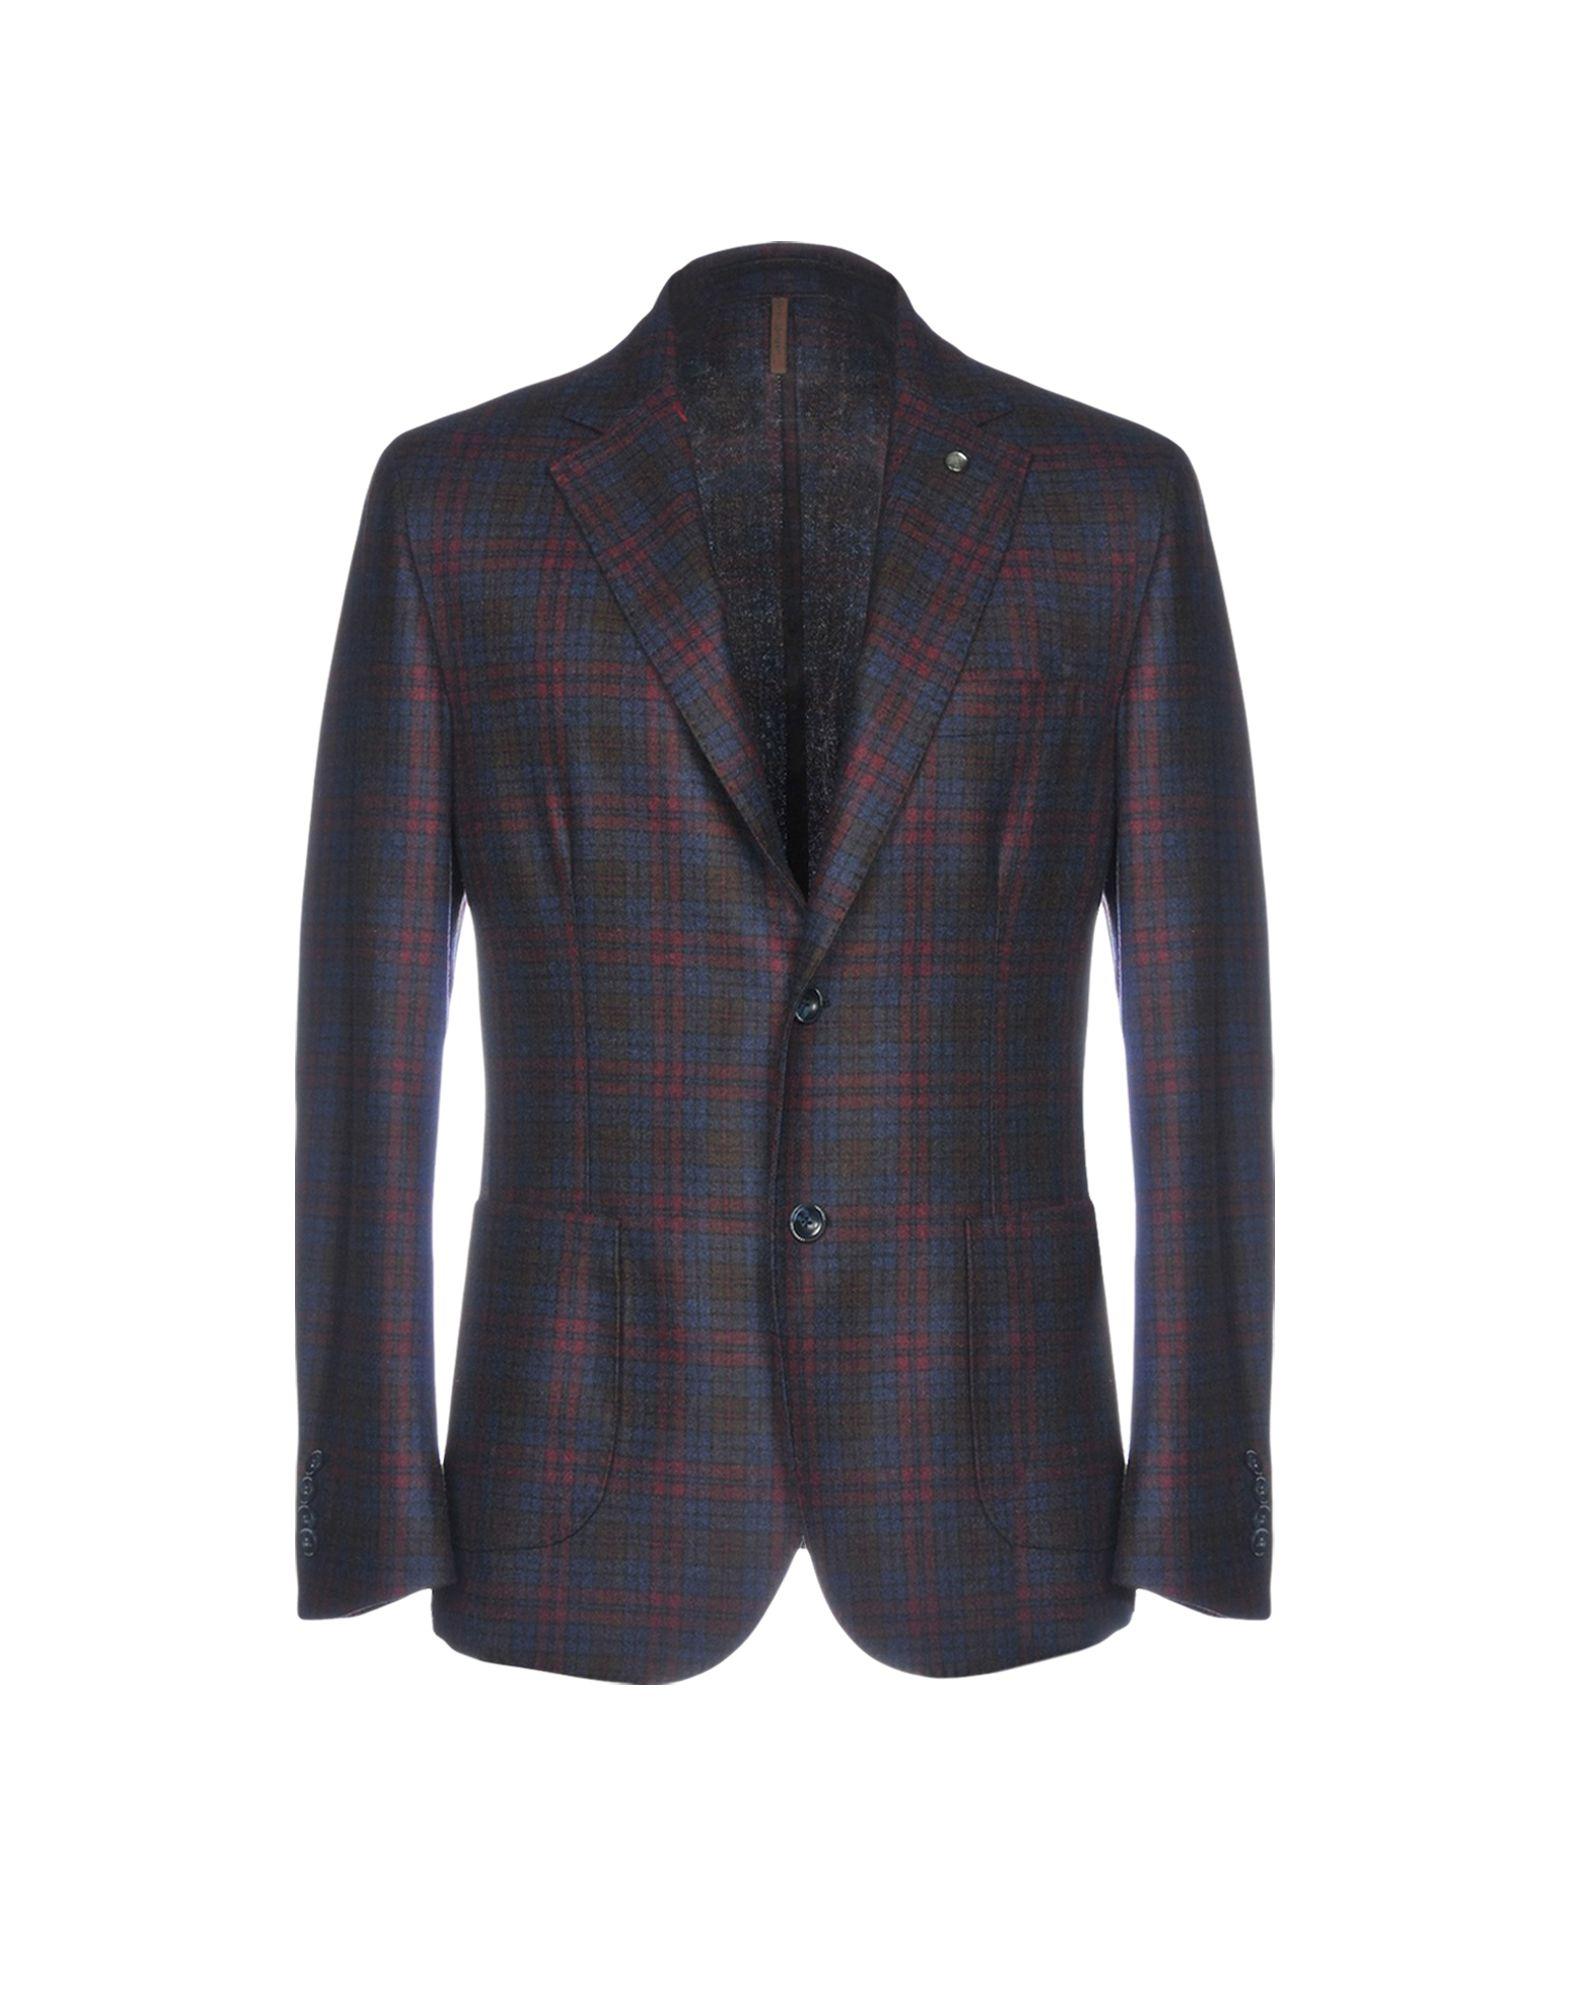 《期間限定セール中》LABORATORI ITALIANI メンズ テーラードジャケット ボルドー 50 80% バージンウール 20% ナイロン